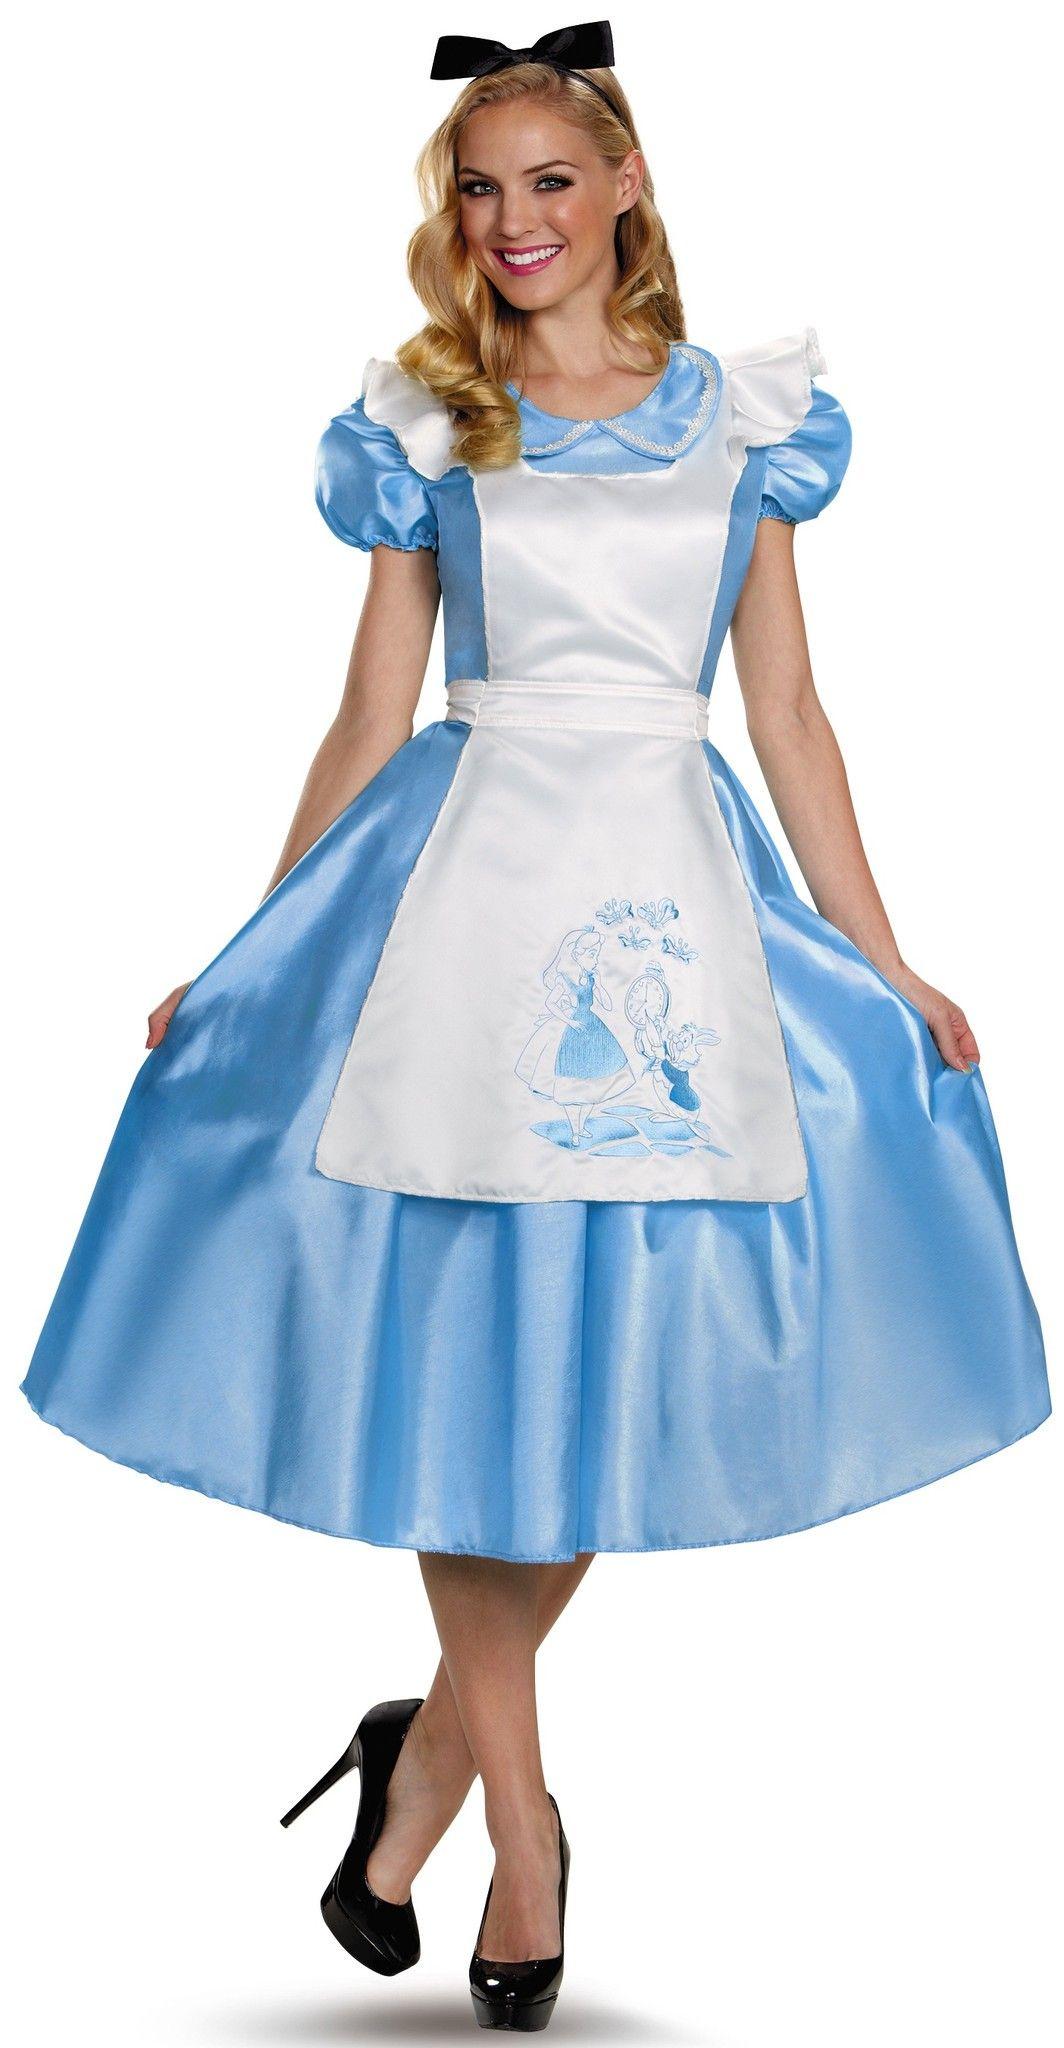 Fantasia Feminina Alice no País das Maravilhas Adulto Festa Halloween  Carnaval 83a29b4e462